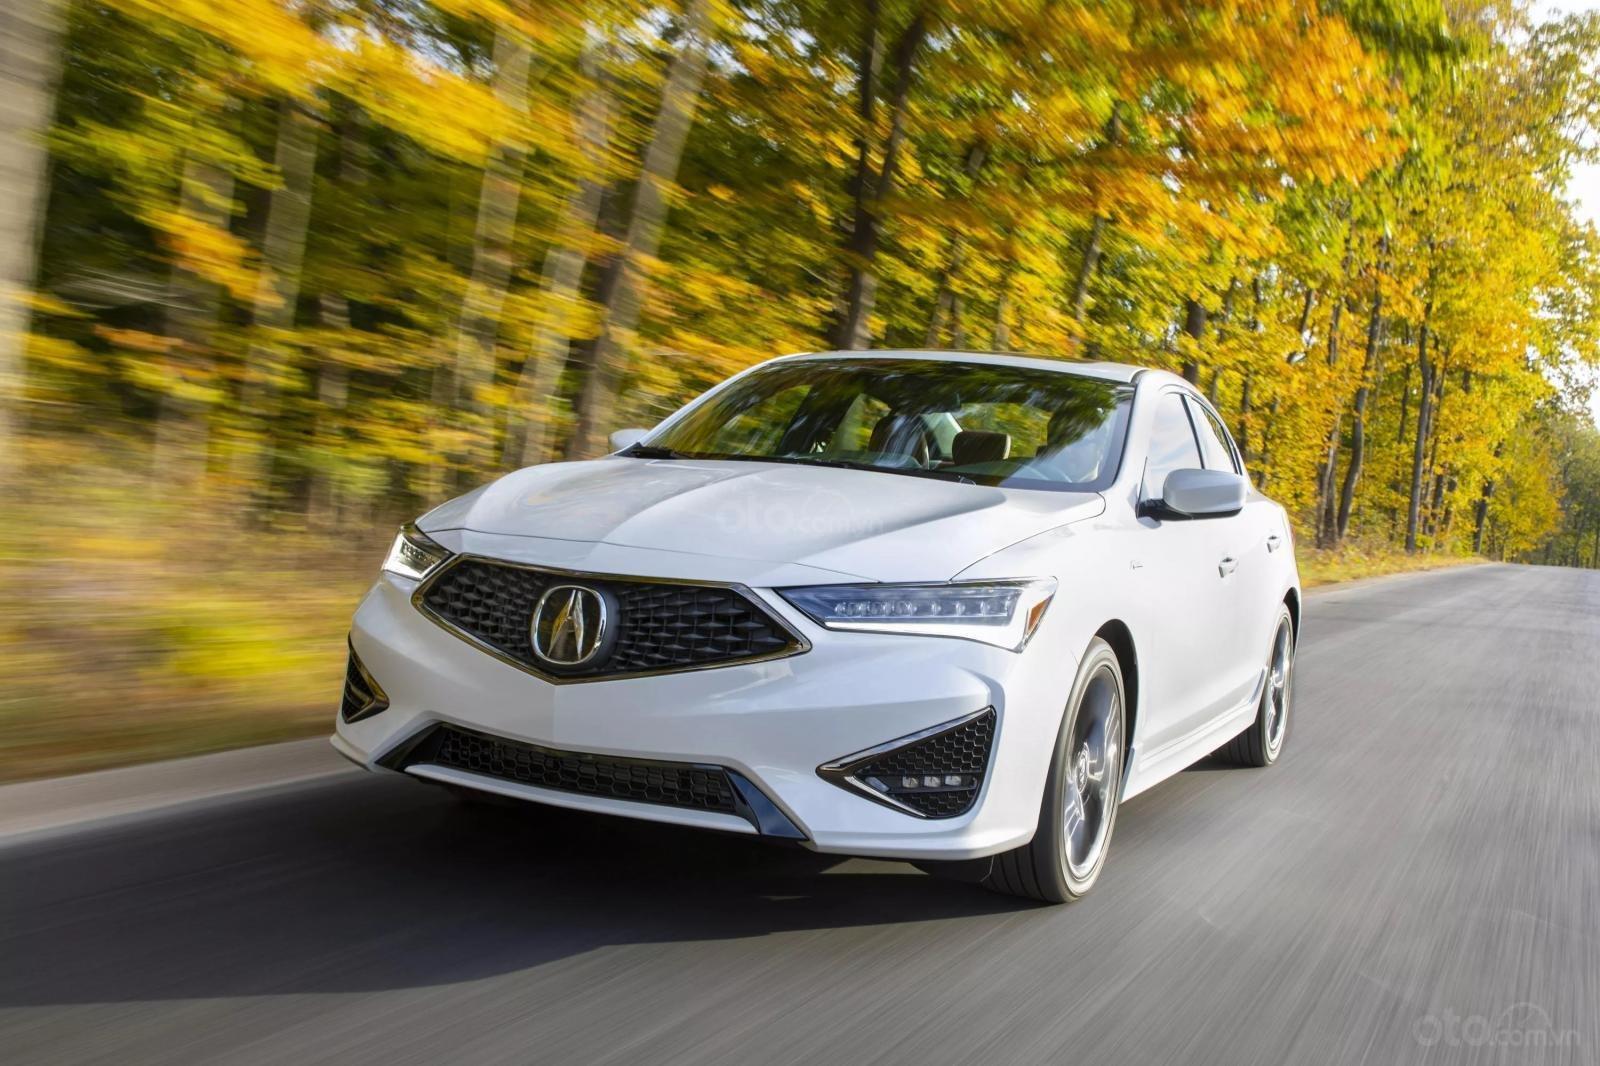 Acura ILX 2020 lên kệ với giá hơn 600 triệu đồng